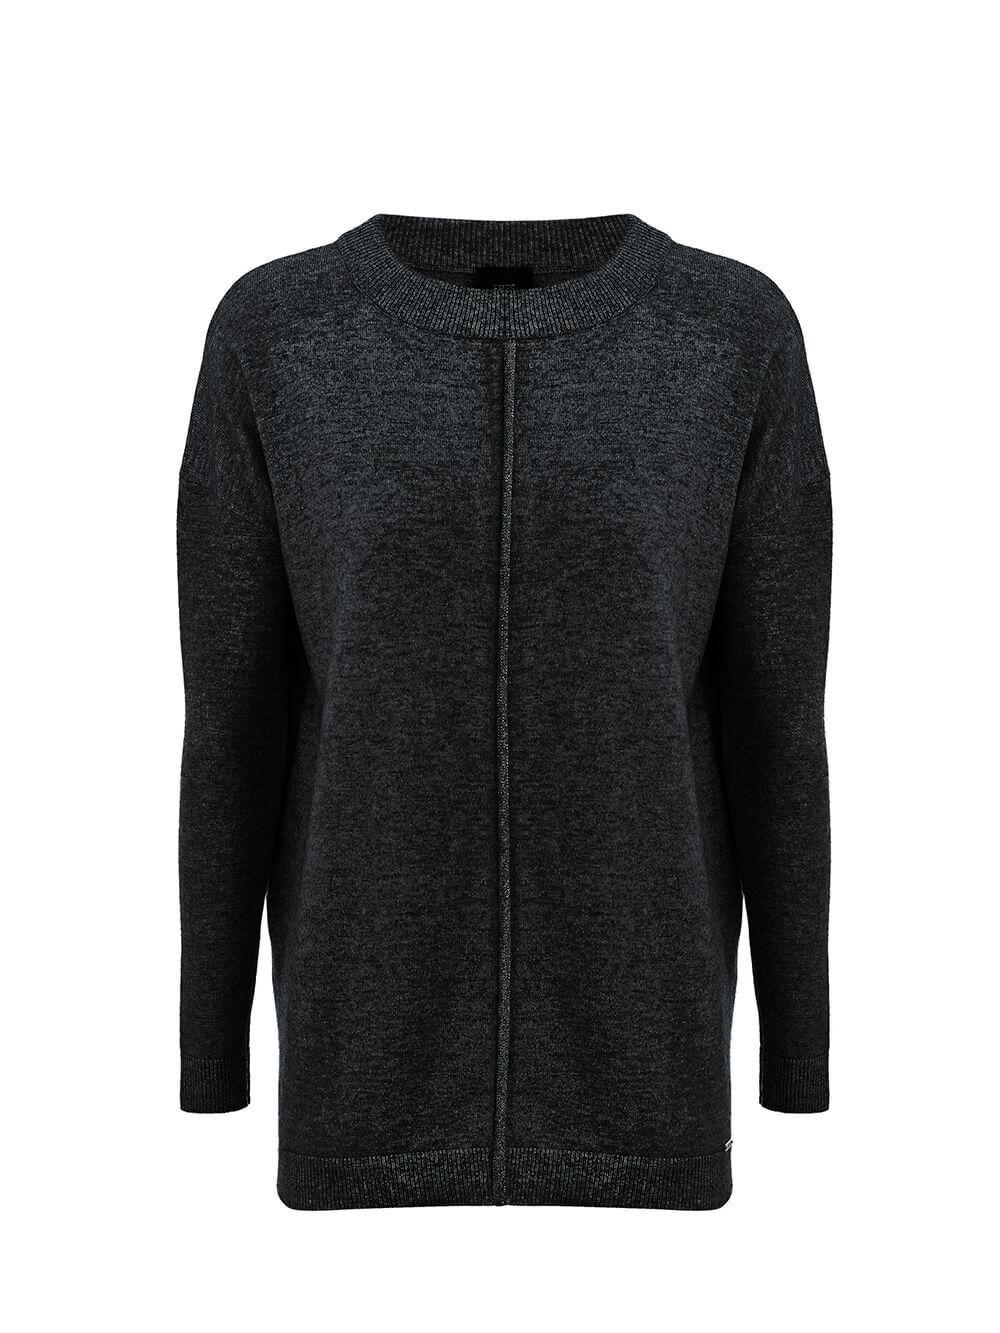 Женский джемпер черного цвета свободного кроя из шерсти и кашемира - фото 1